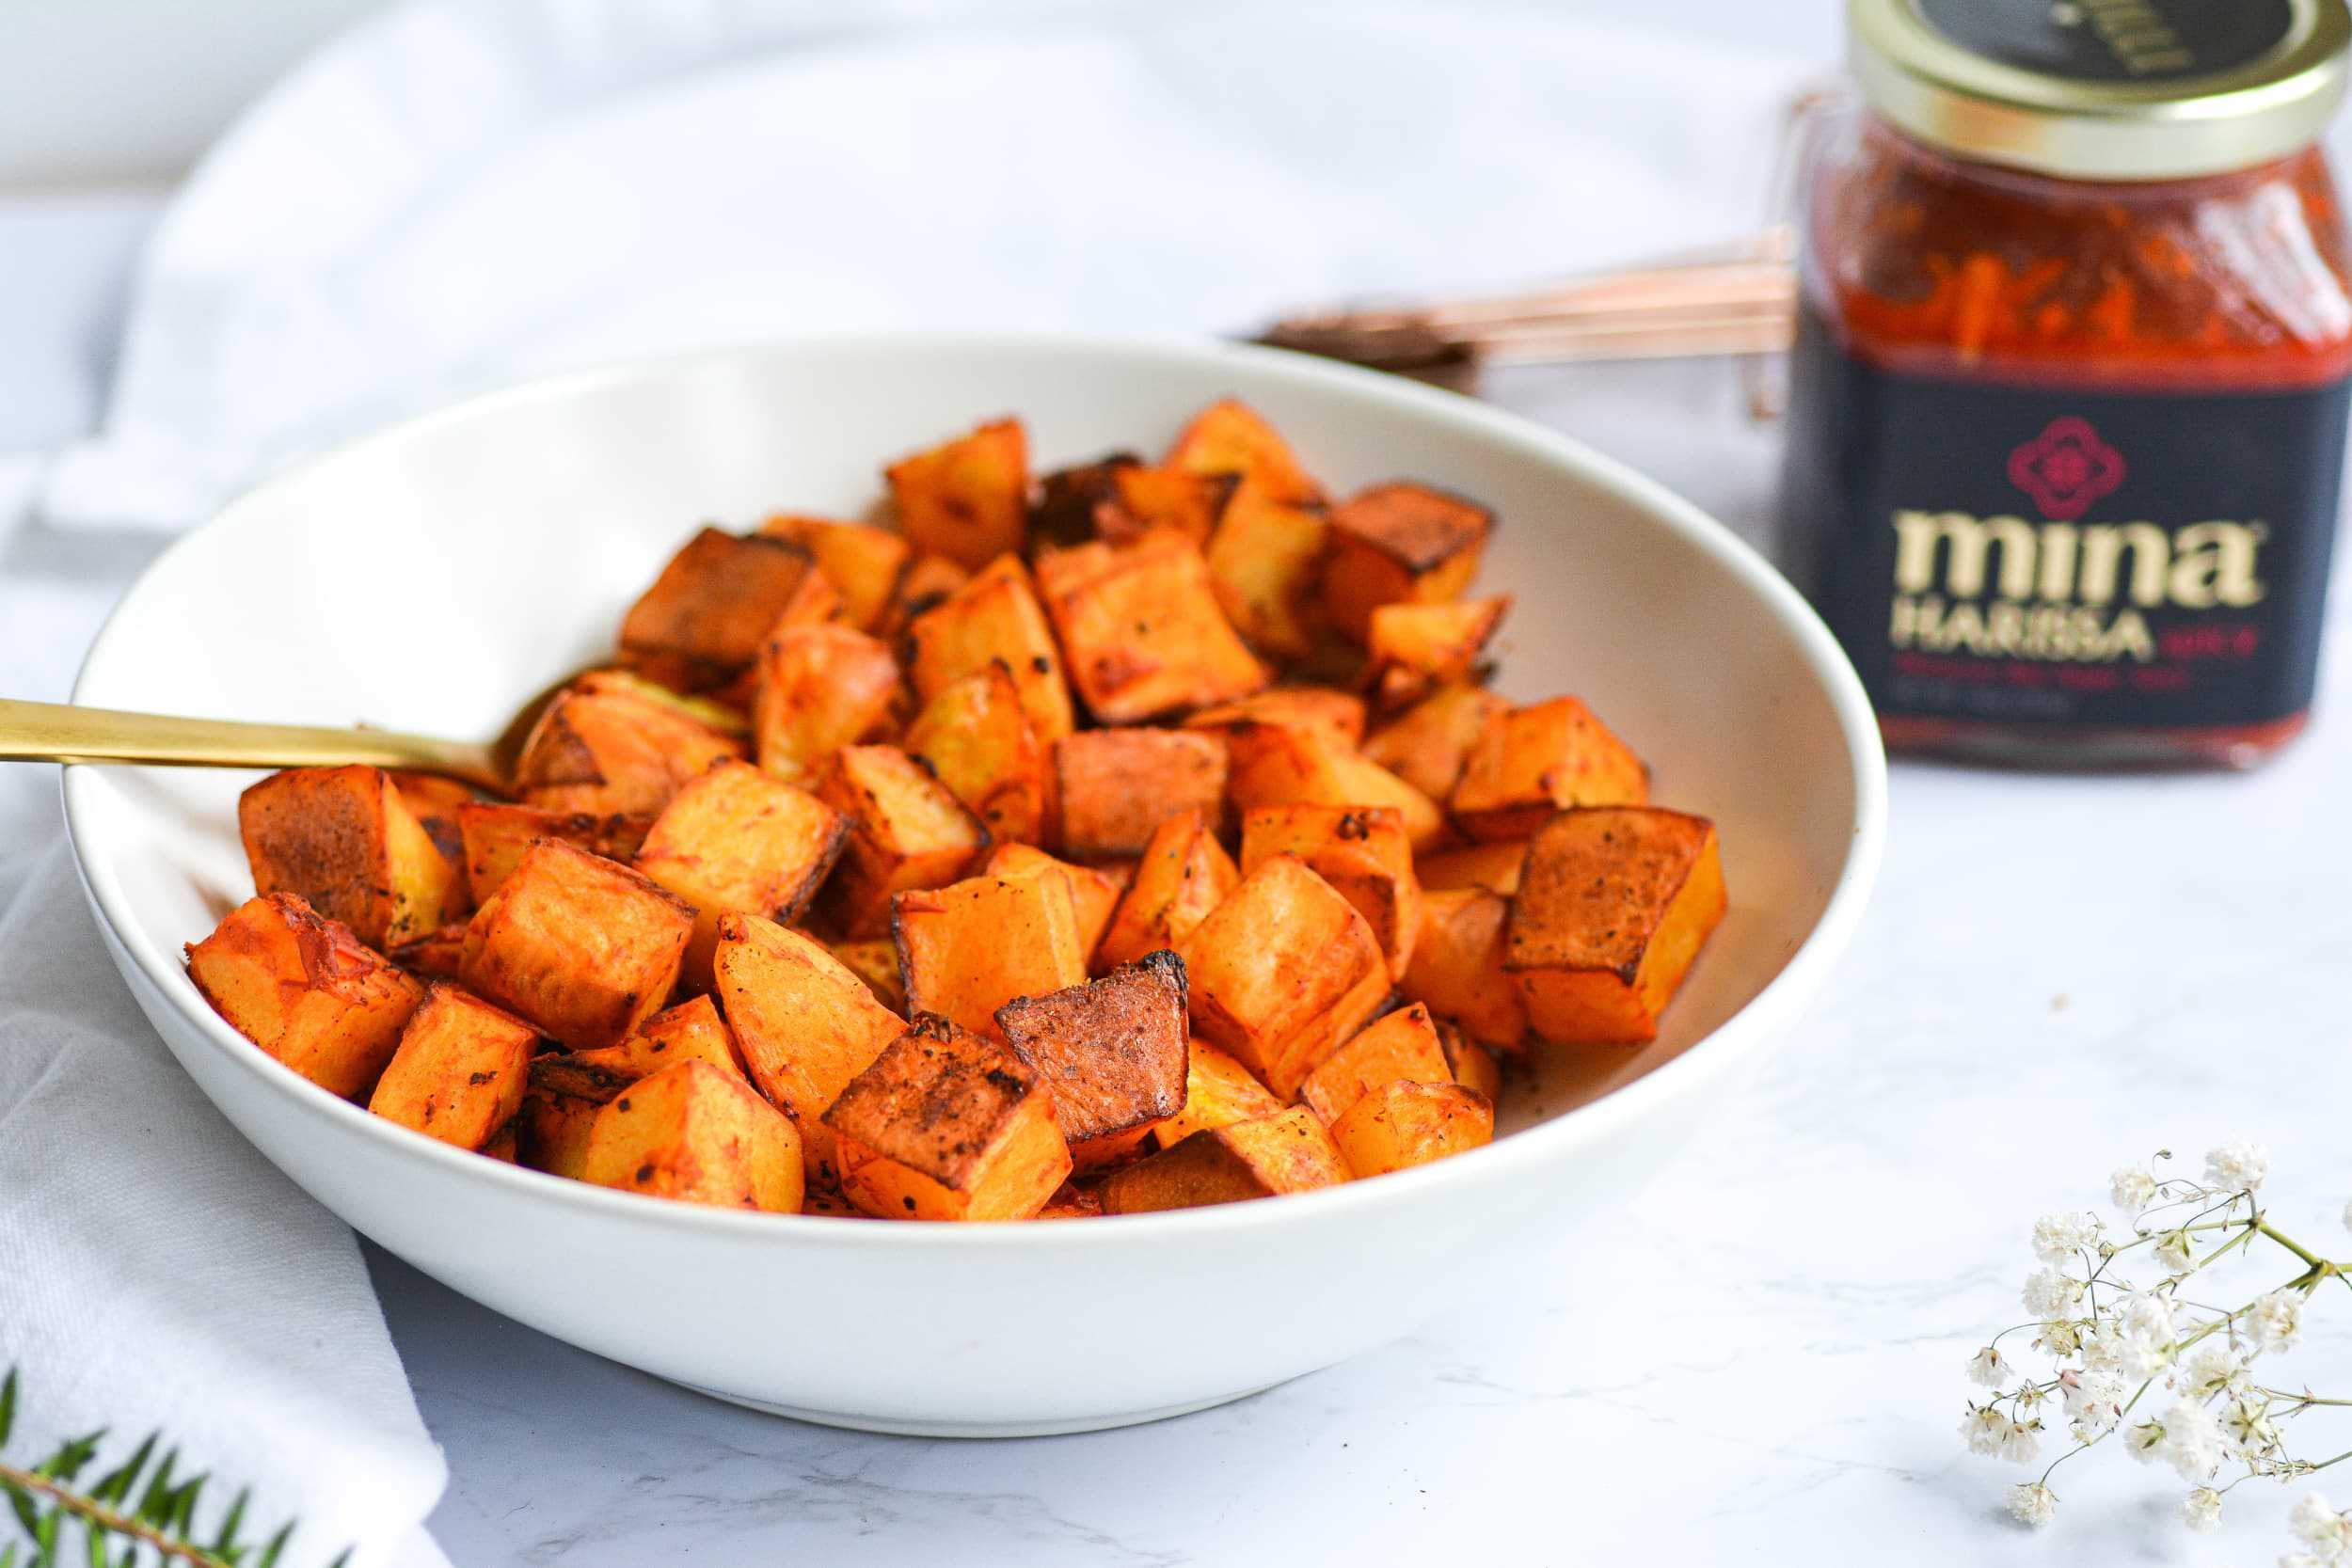 Crispy Harissa Roasted Potatoes